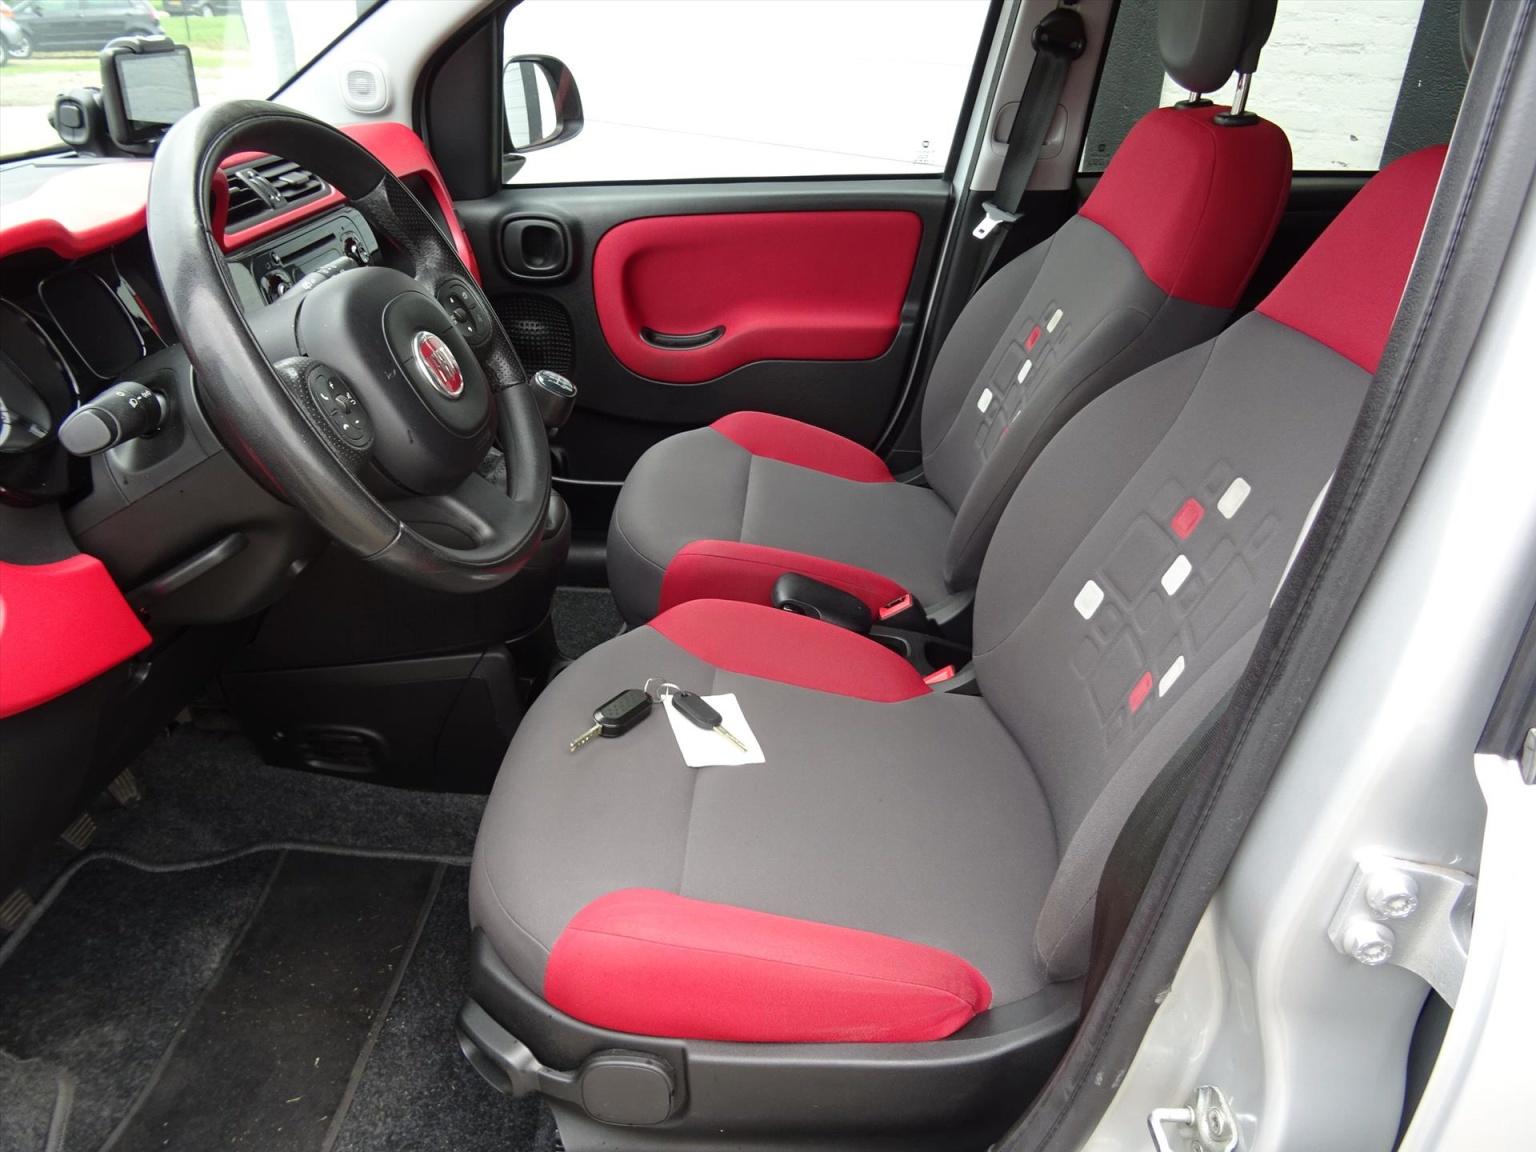 Fiat-Panda-8